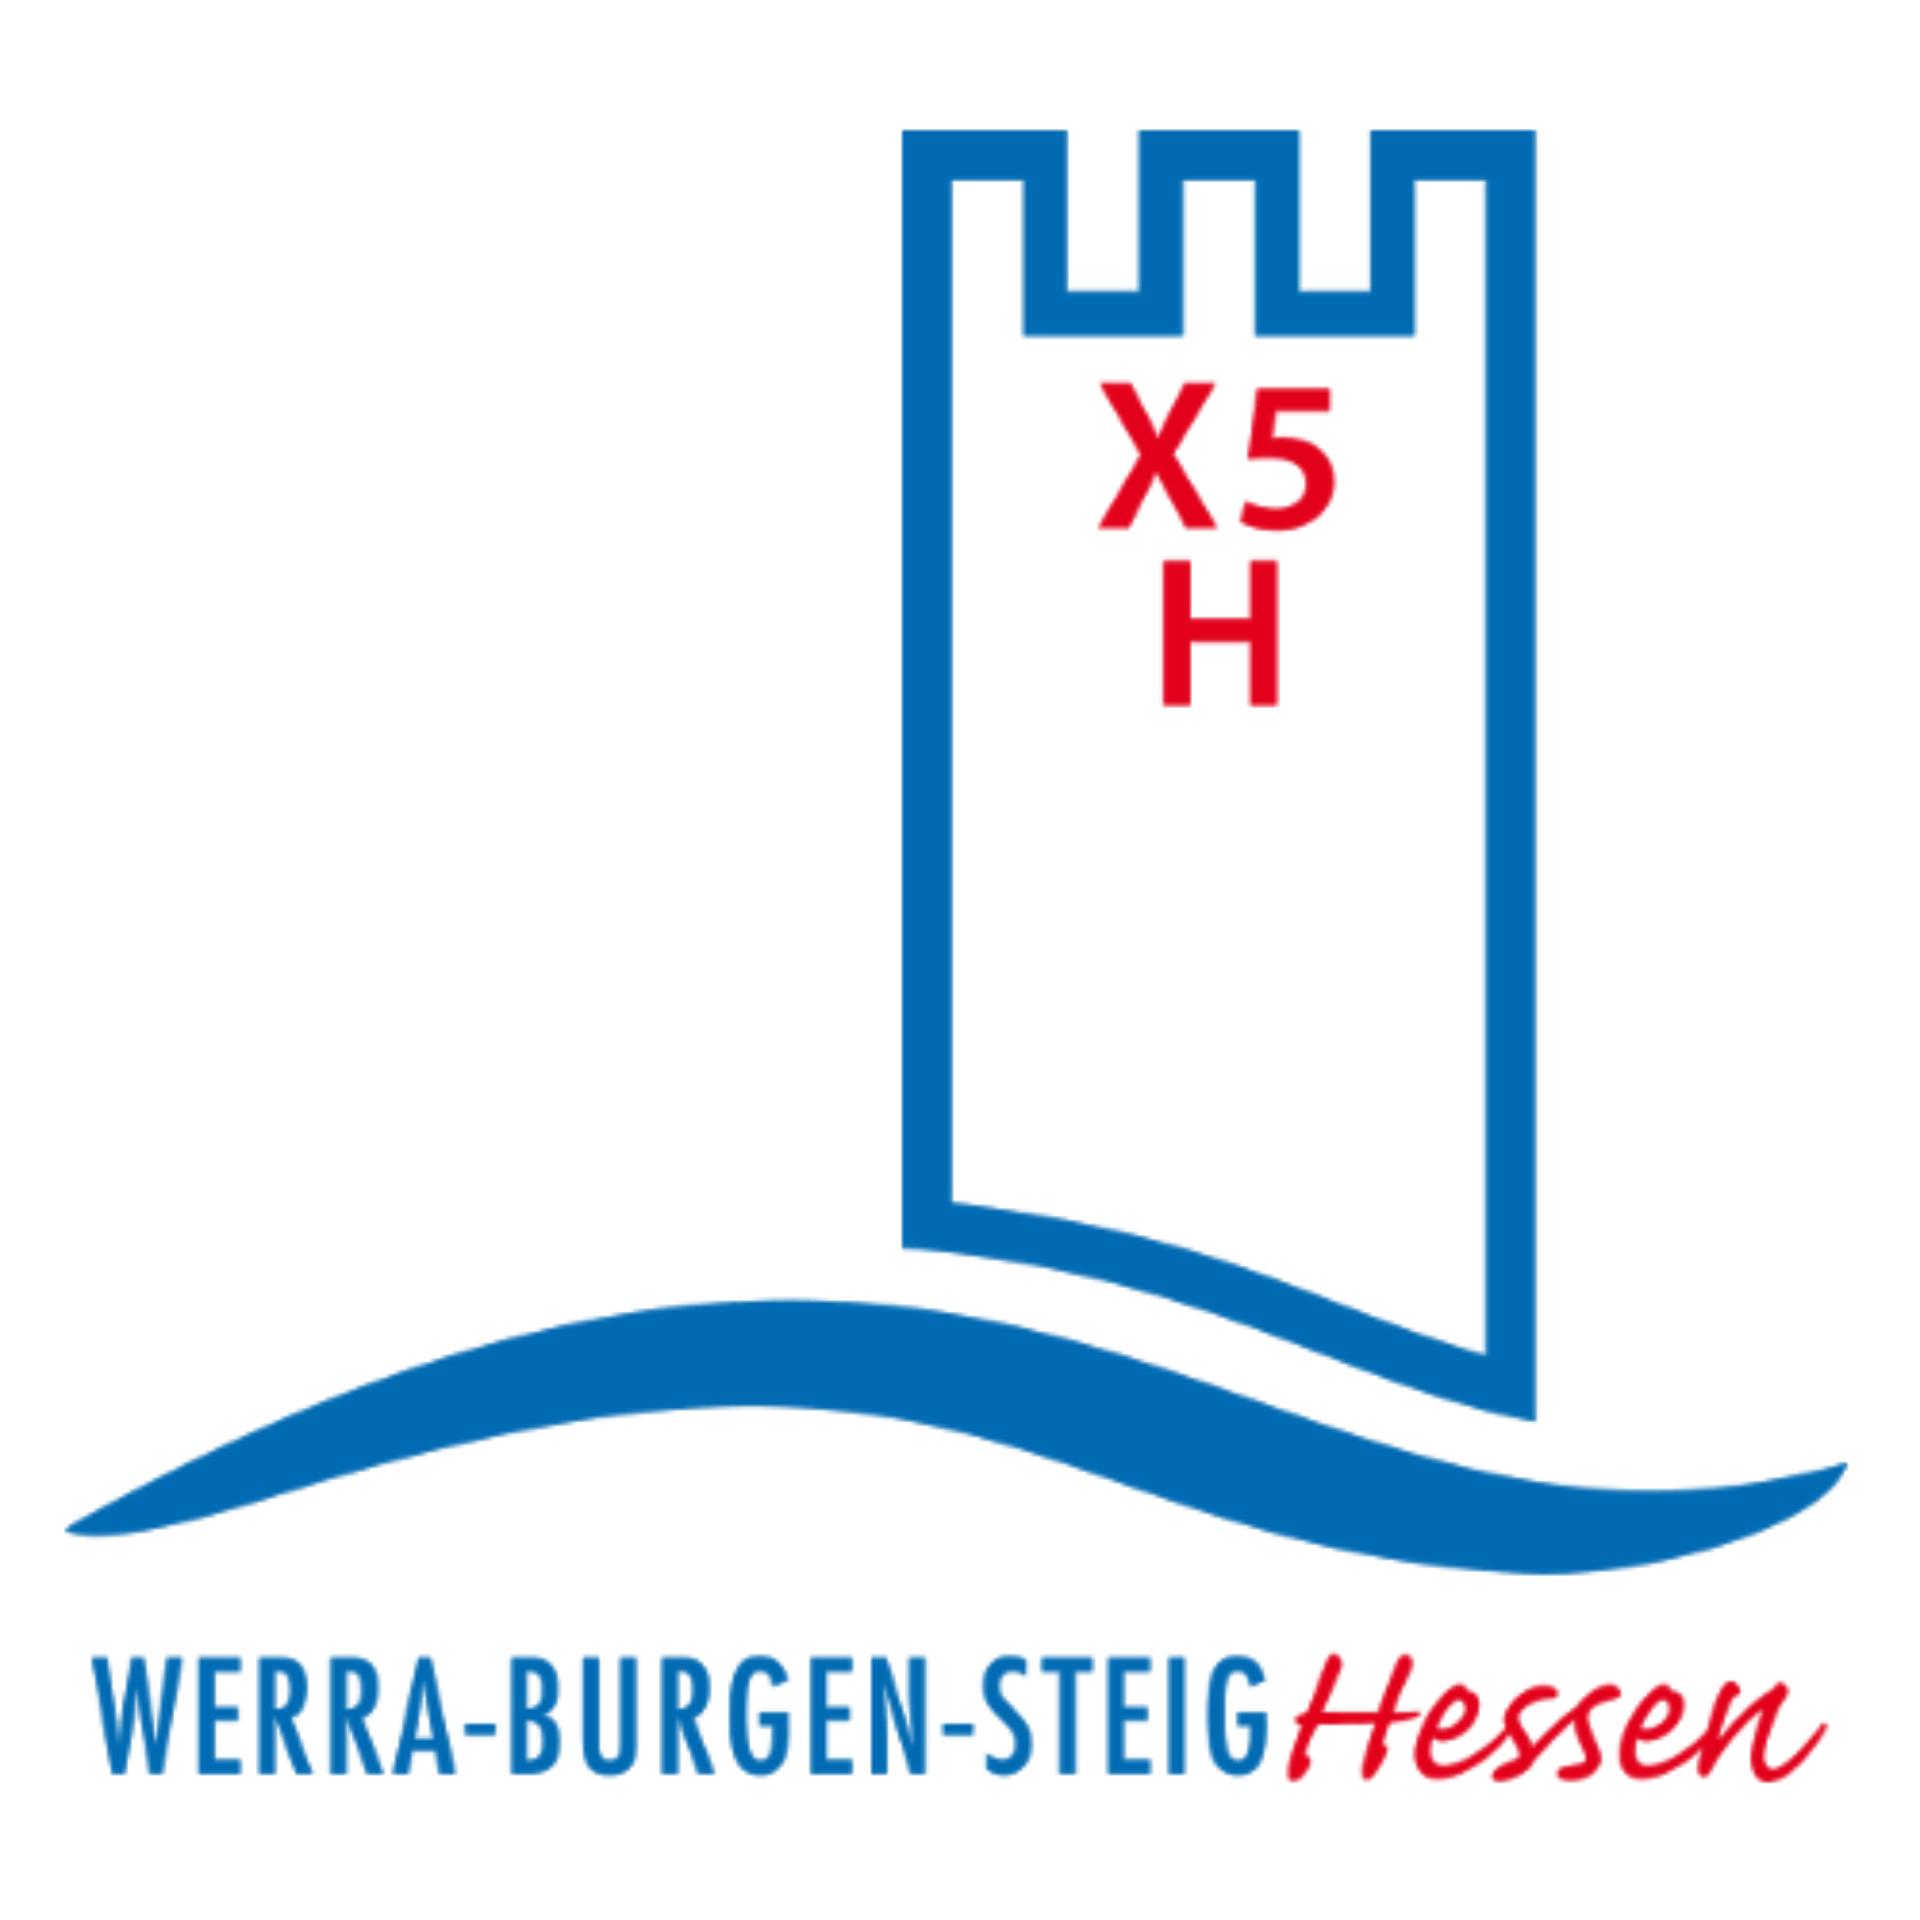 Logo Werra-Burgen-Steig Hessen X5H